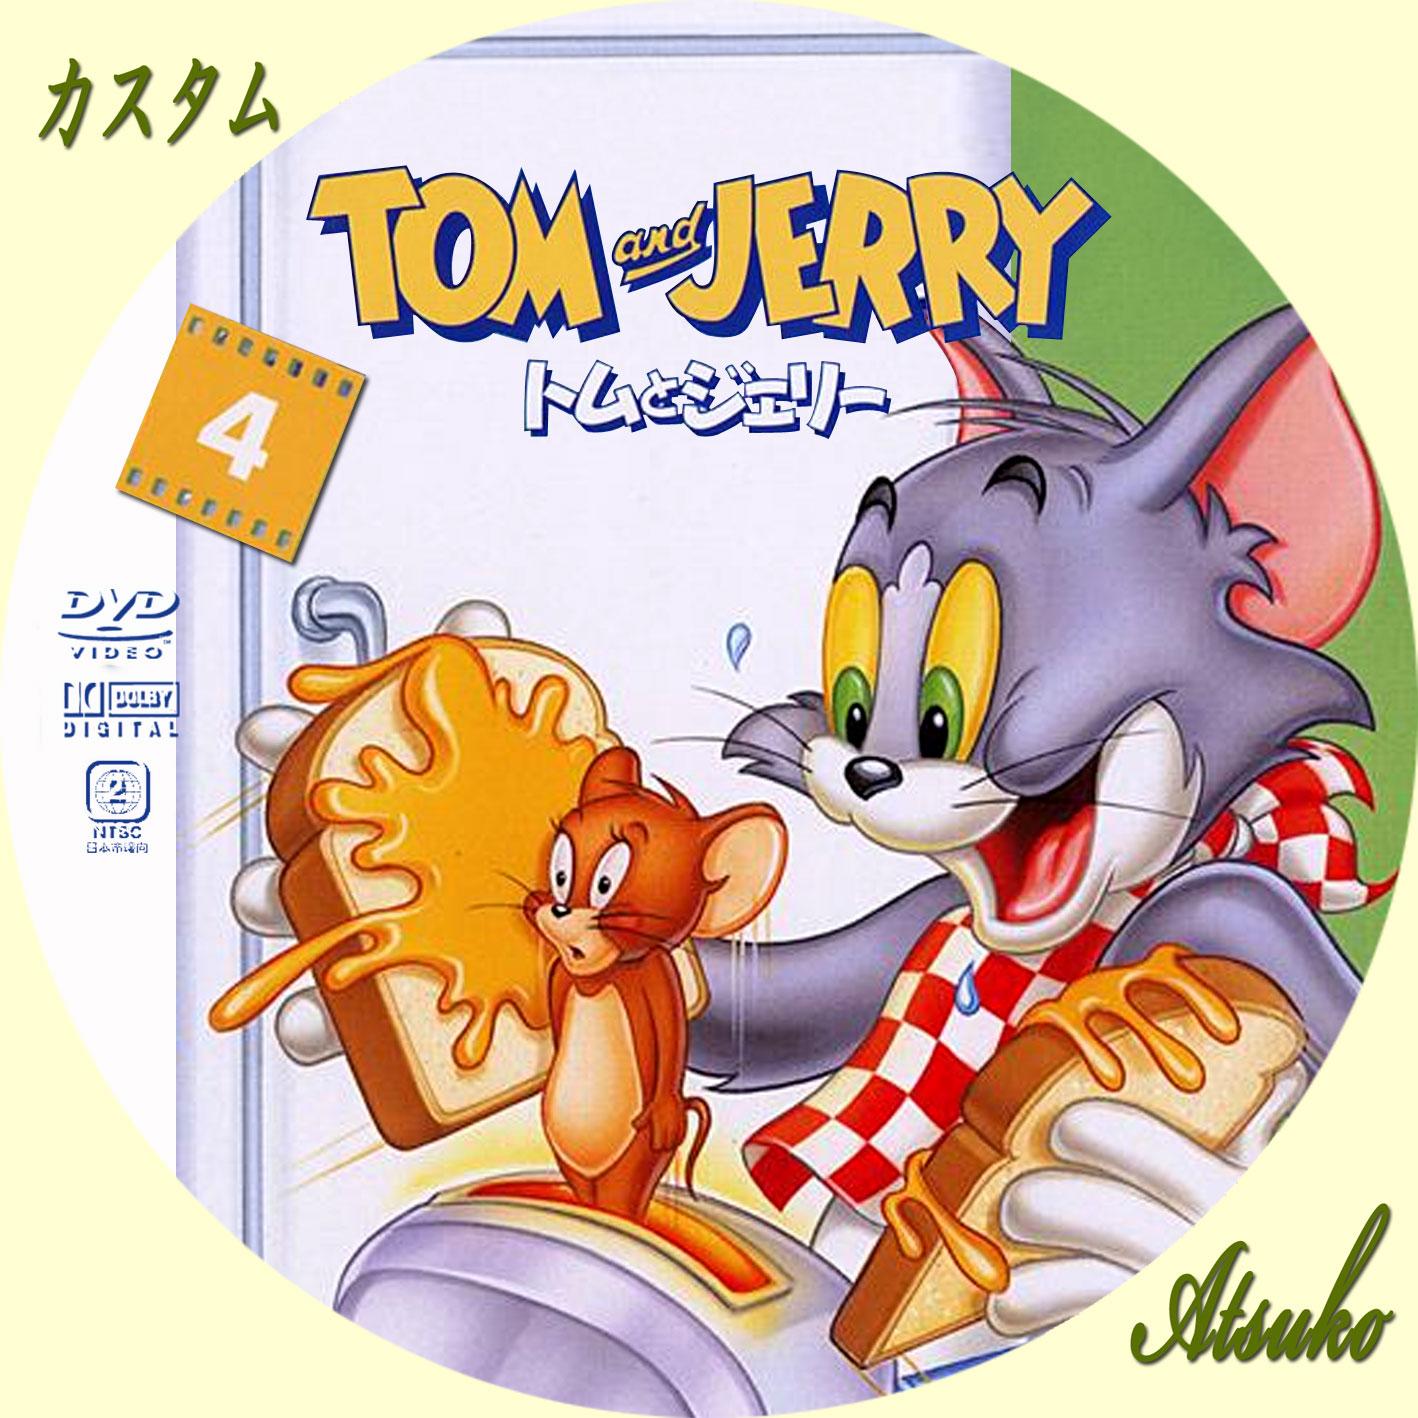 Tom Und Jerry Spiele Online